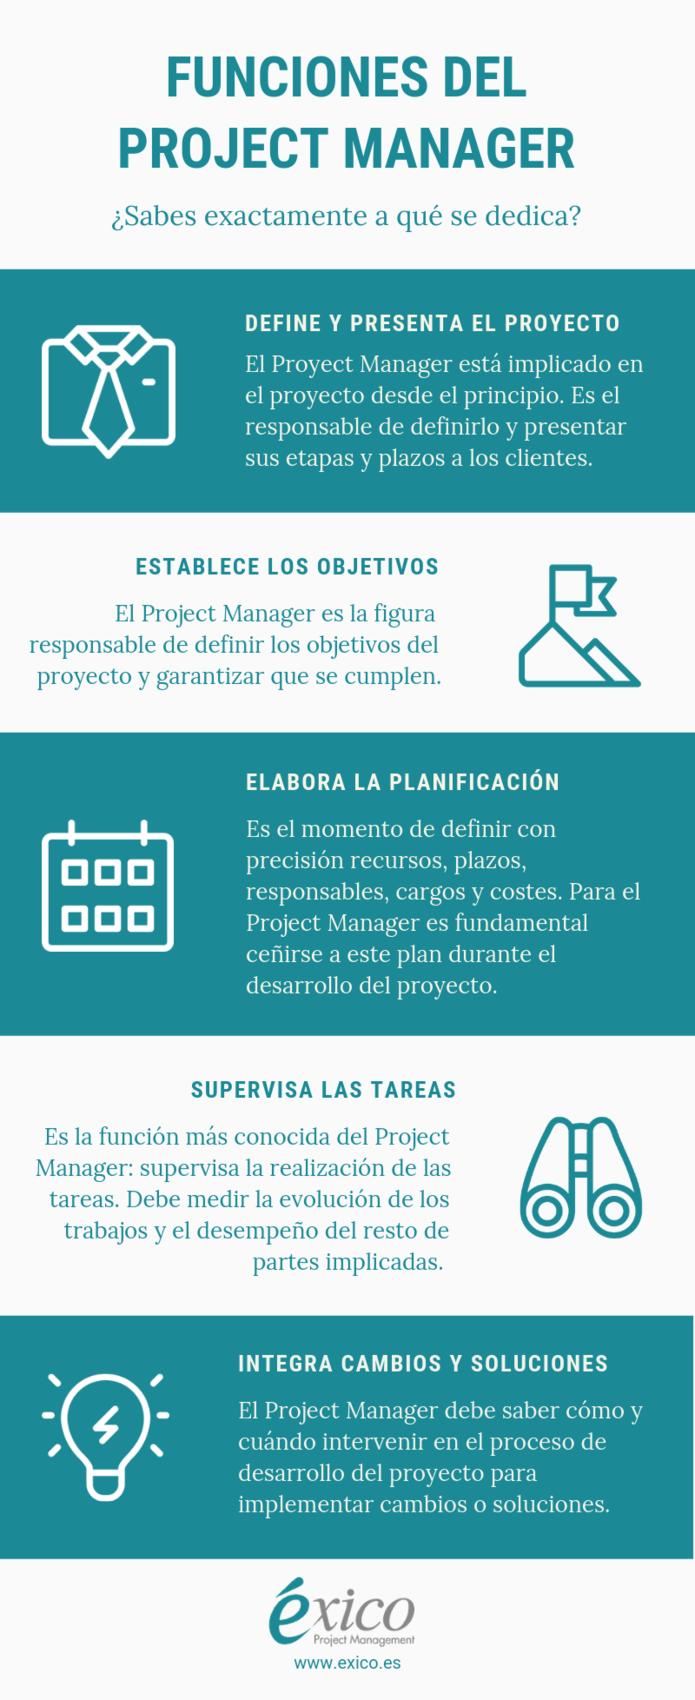 Funciones del Project Manager_ES